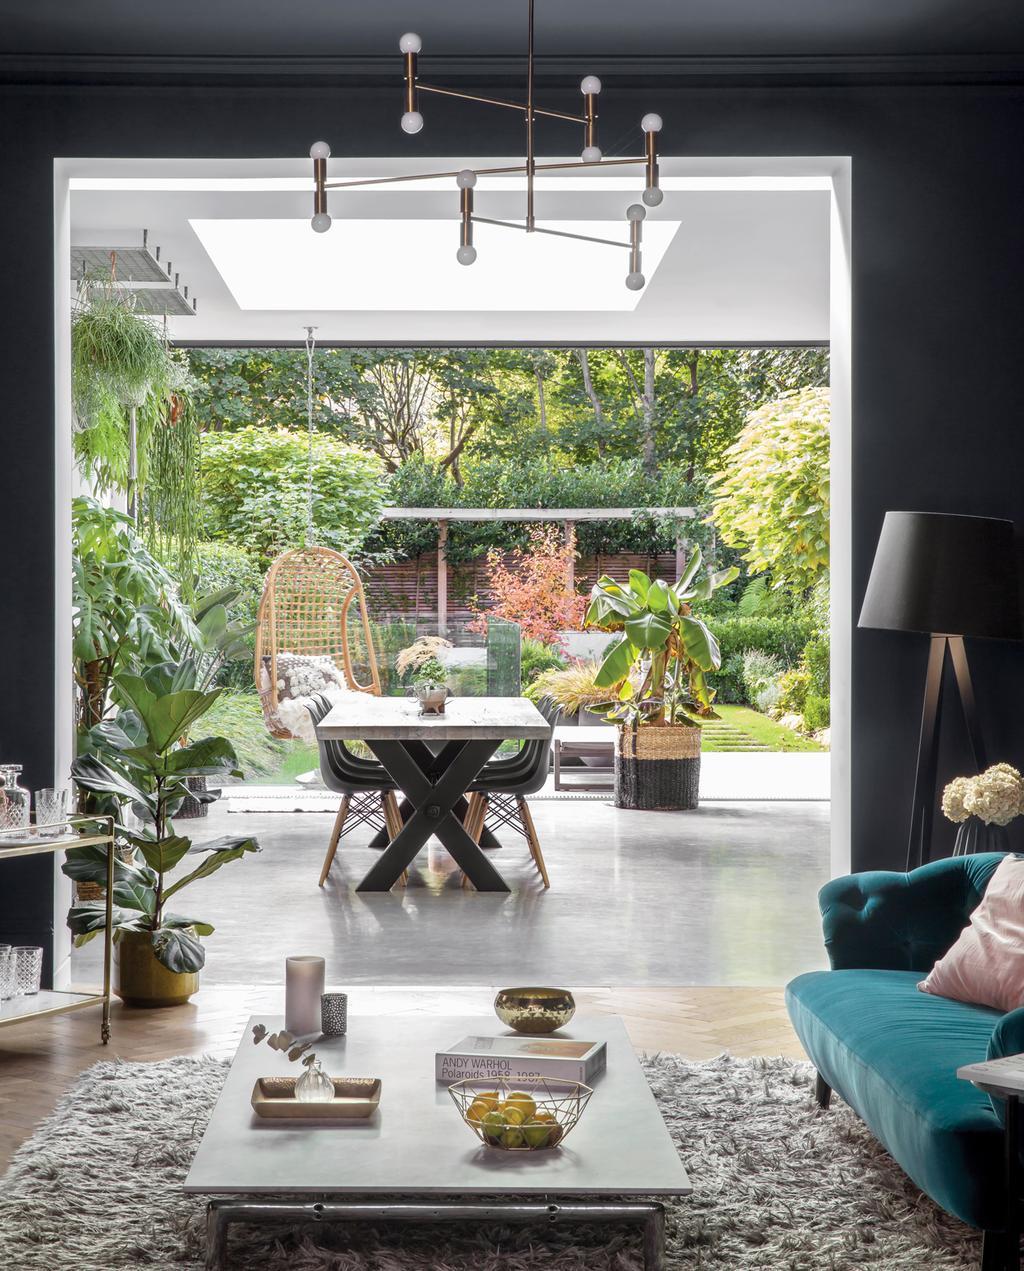 vtwonen 1-2020 | binnenkijken in een victoriaans herenhuis in Londen inkijk op de tuin